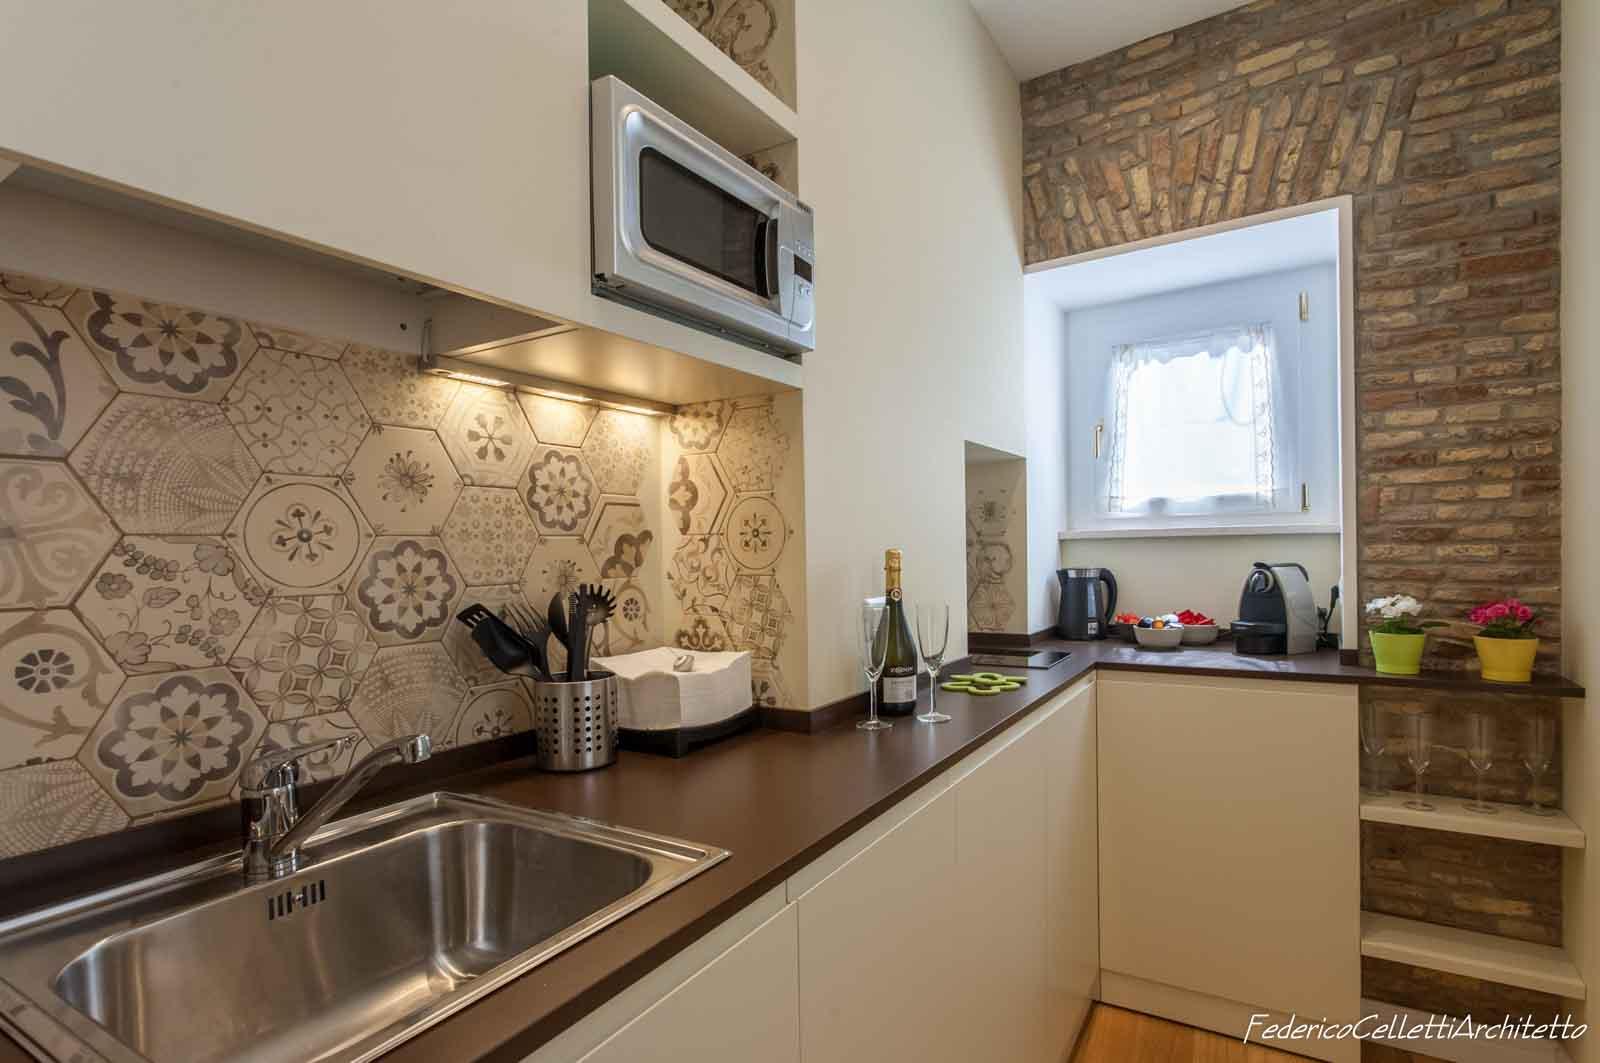 Architettura d 39 interni e ristrutturazione casa a roma for Architetto di interni roma